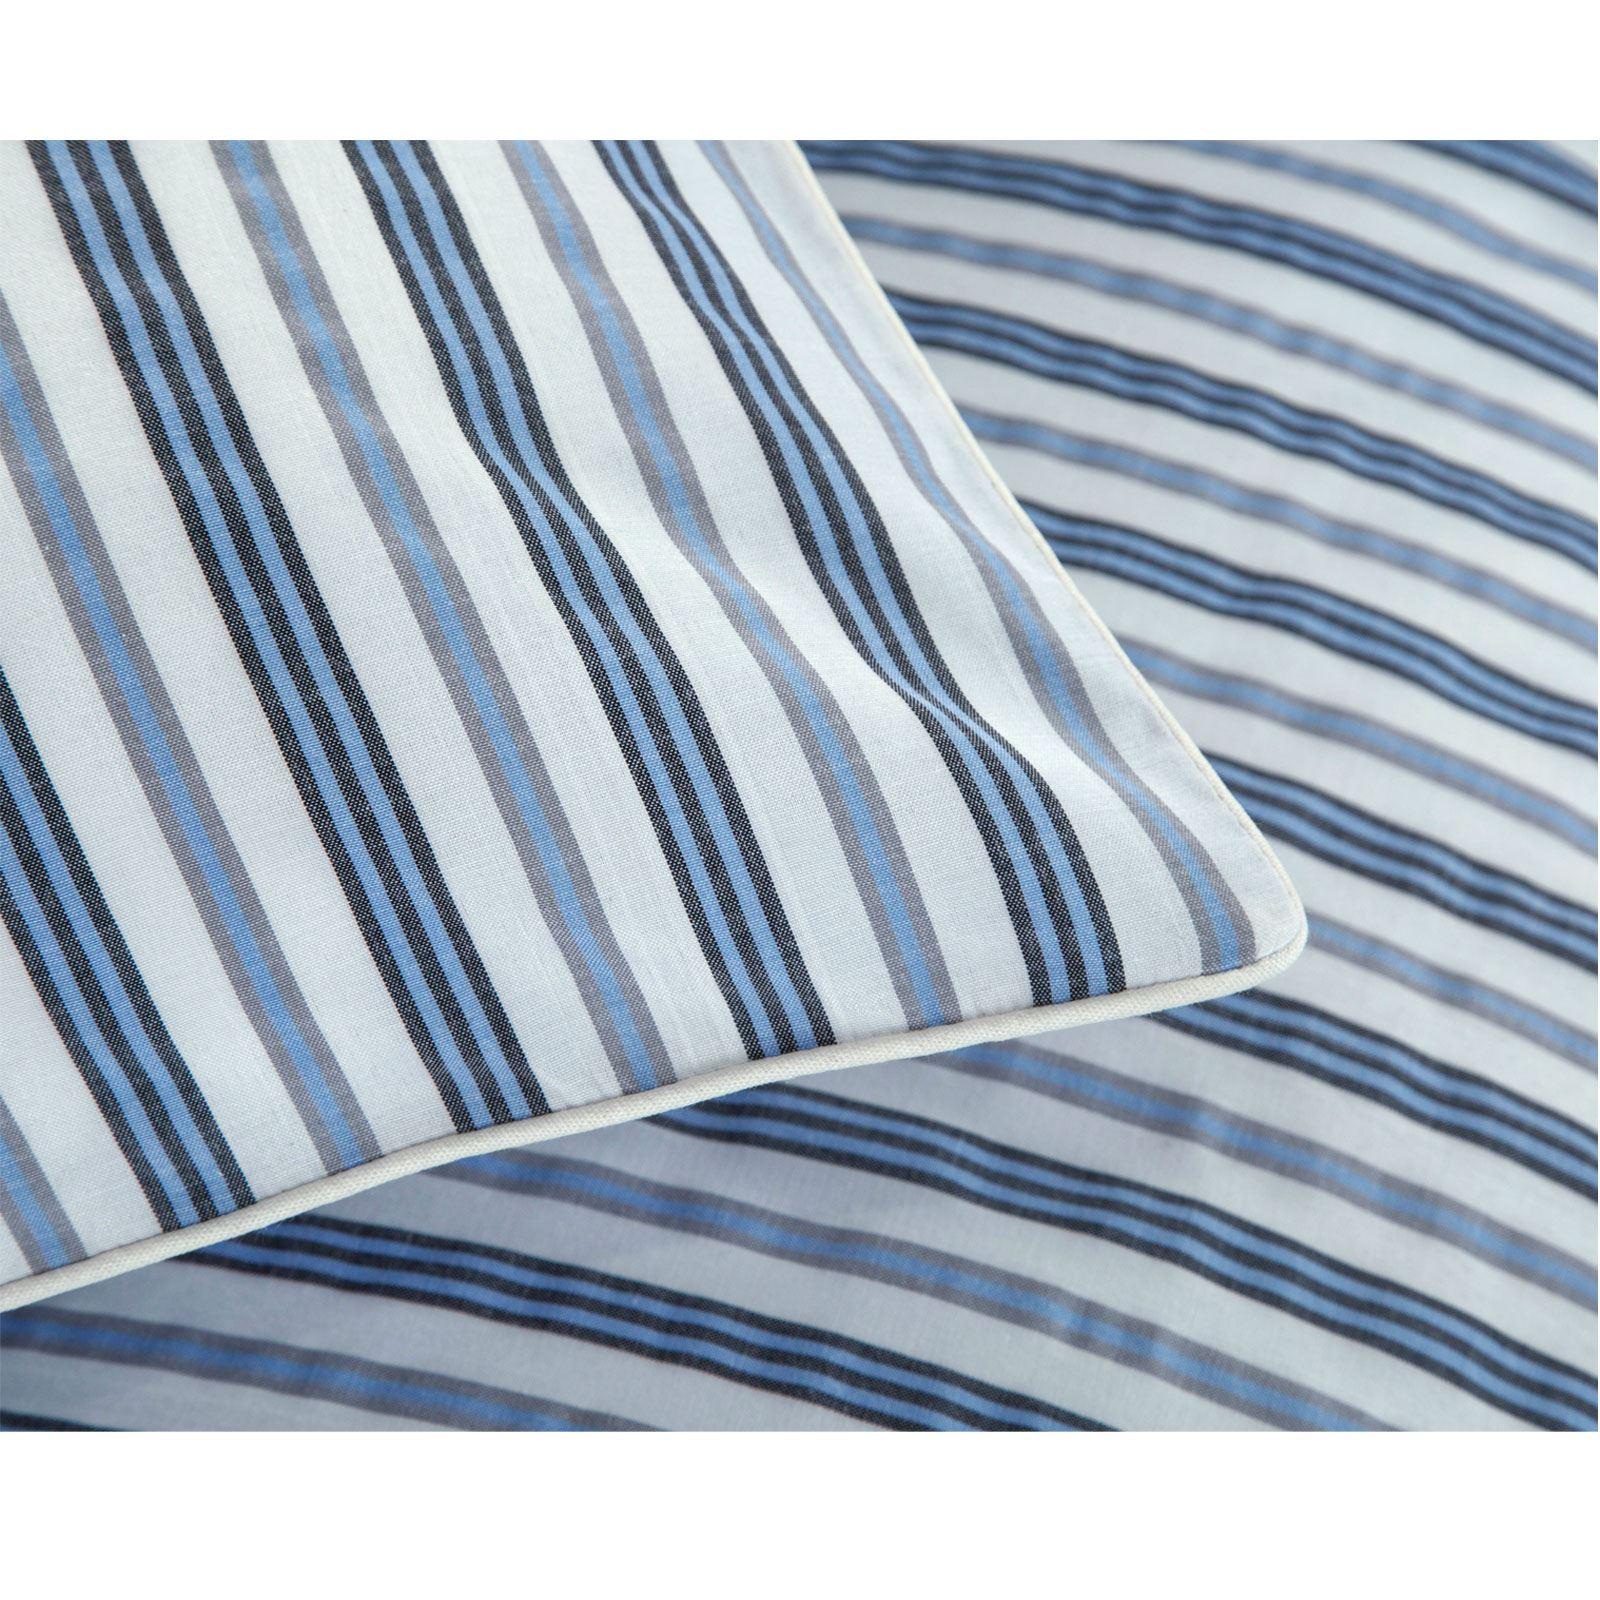 De-Lujo-Suave-Algodon-Rico-Tejido-Stripe-Multi-Funda-Nordica-Edredon-De-Rayas-Juego-De-Cama miniatura 17